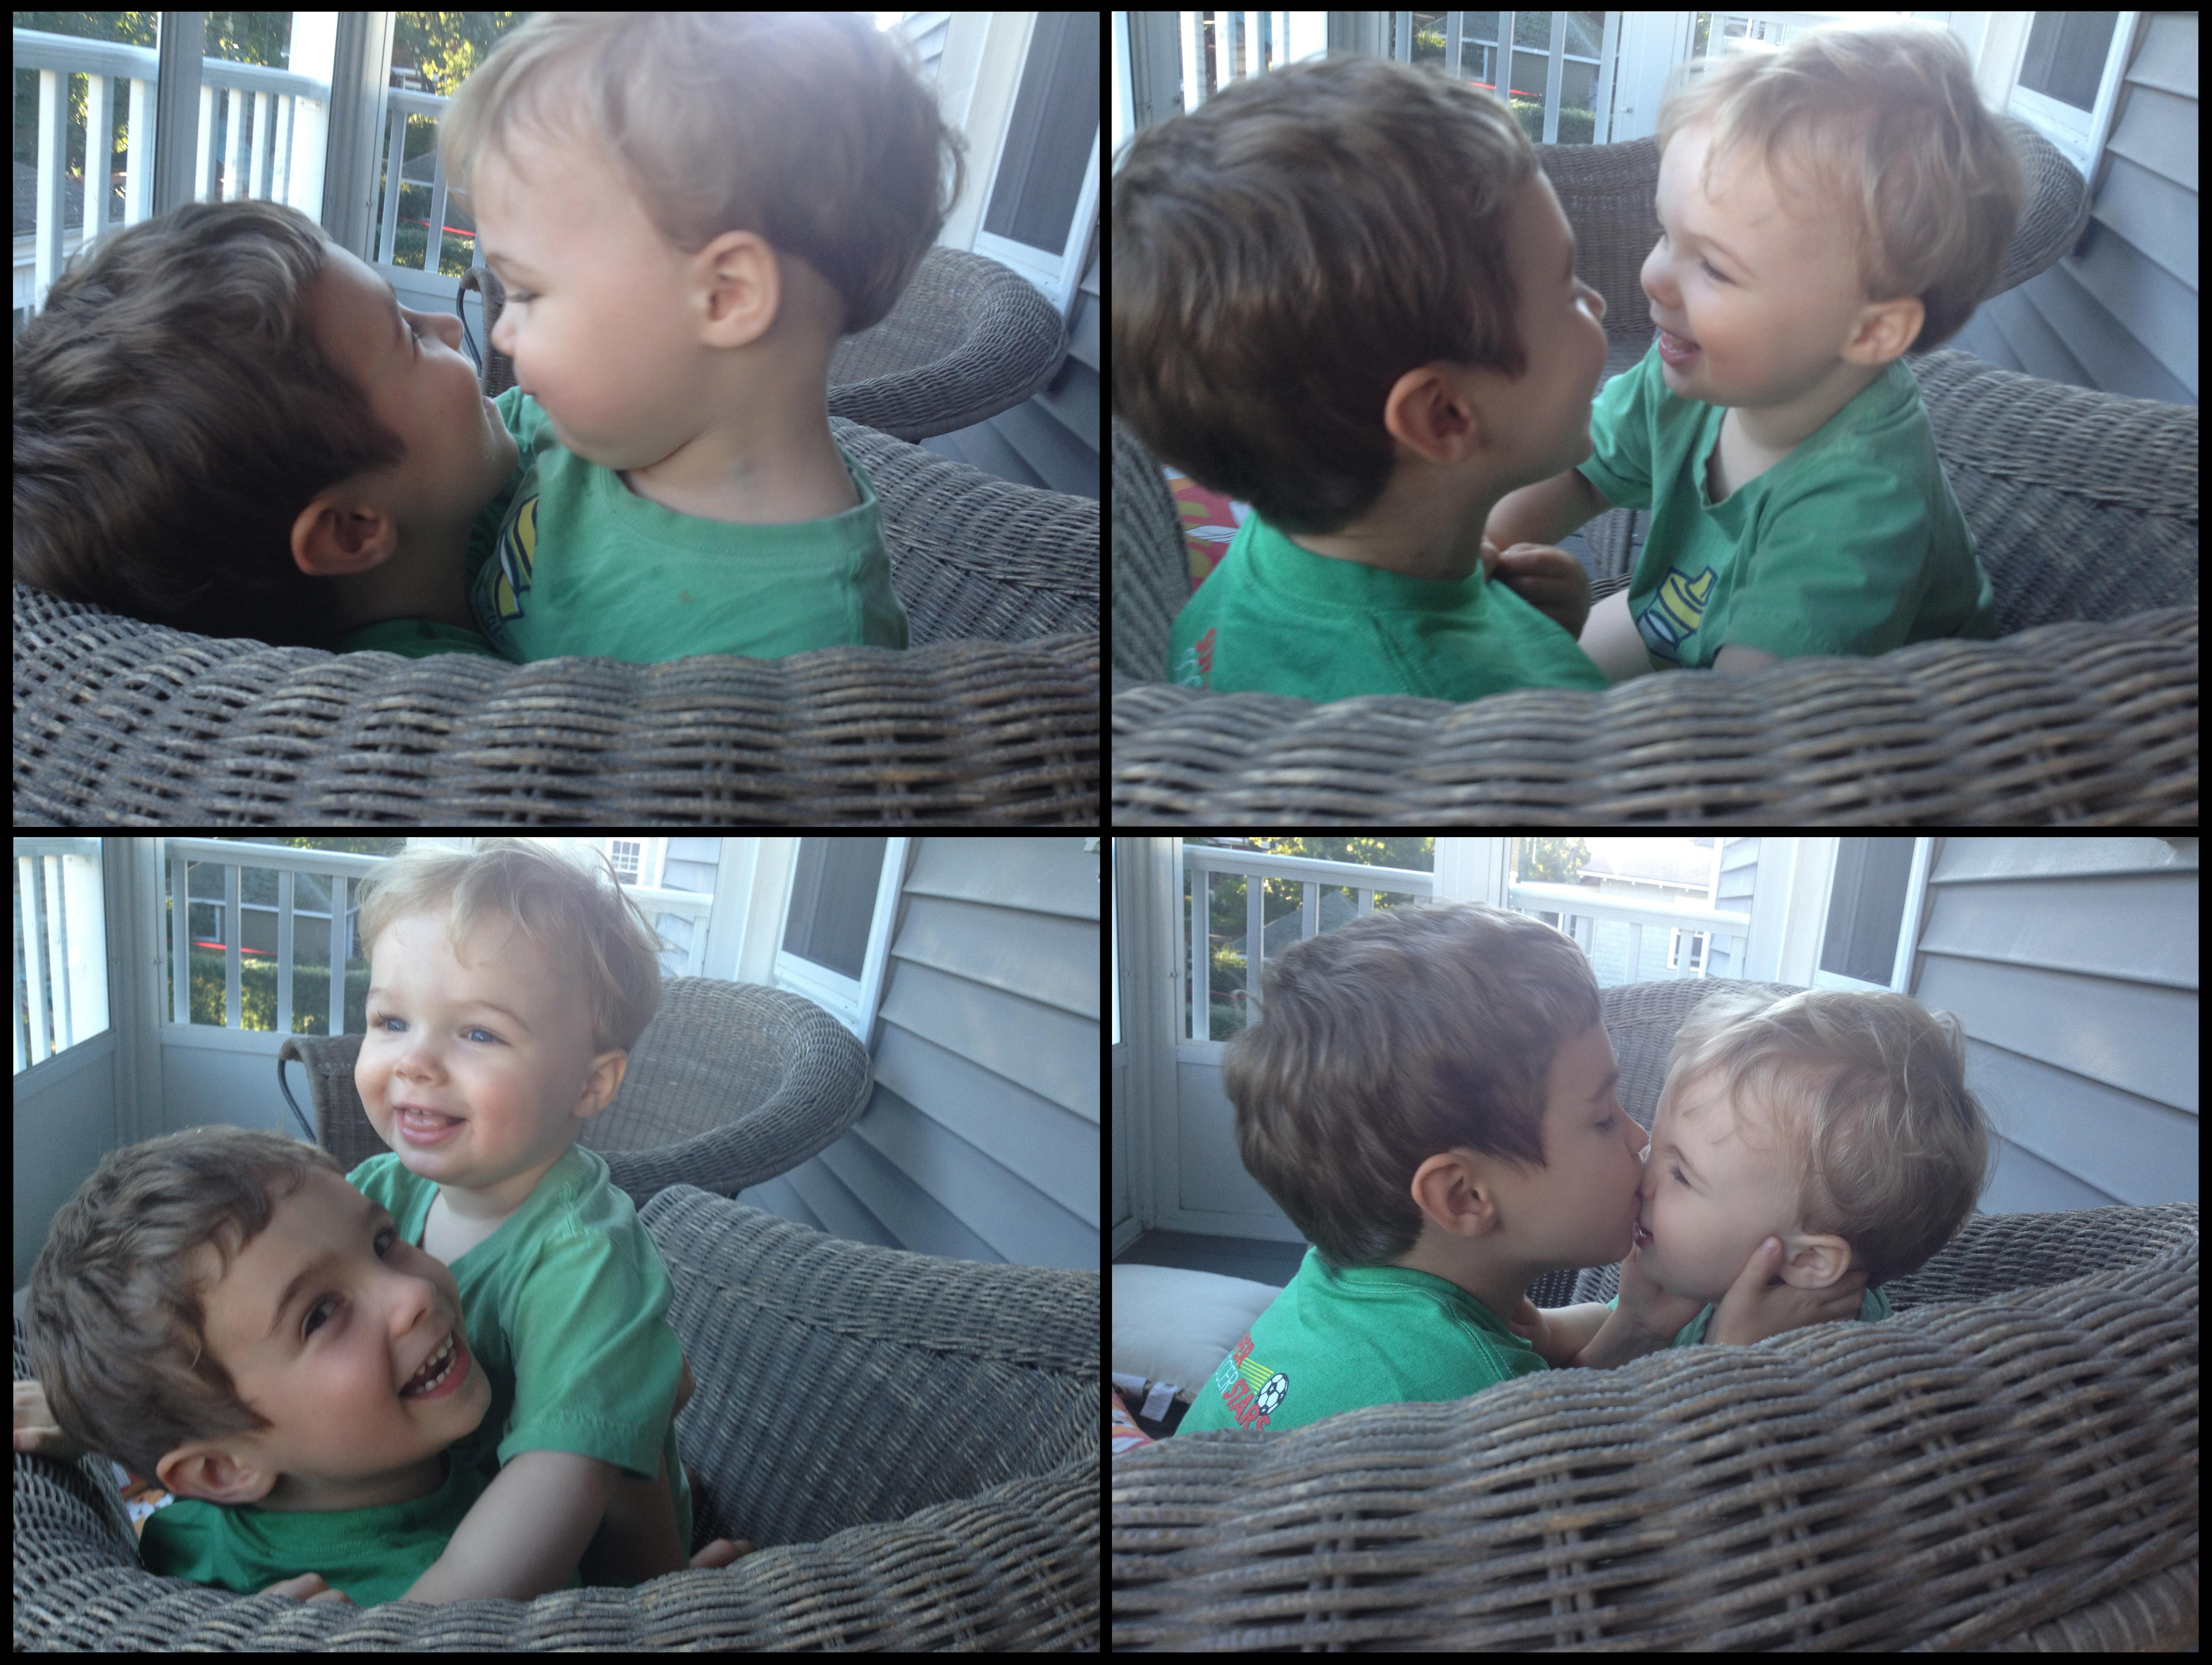 Welche Sprache der Liebe sprechen Ihre Kinder? Brüder herzen sich auf einer Veranda. Foto: Juhan Sonin (Flickr)